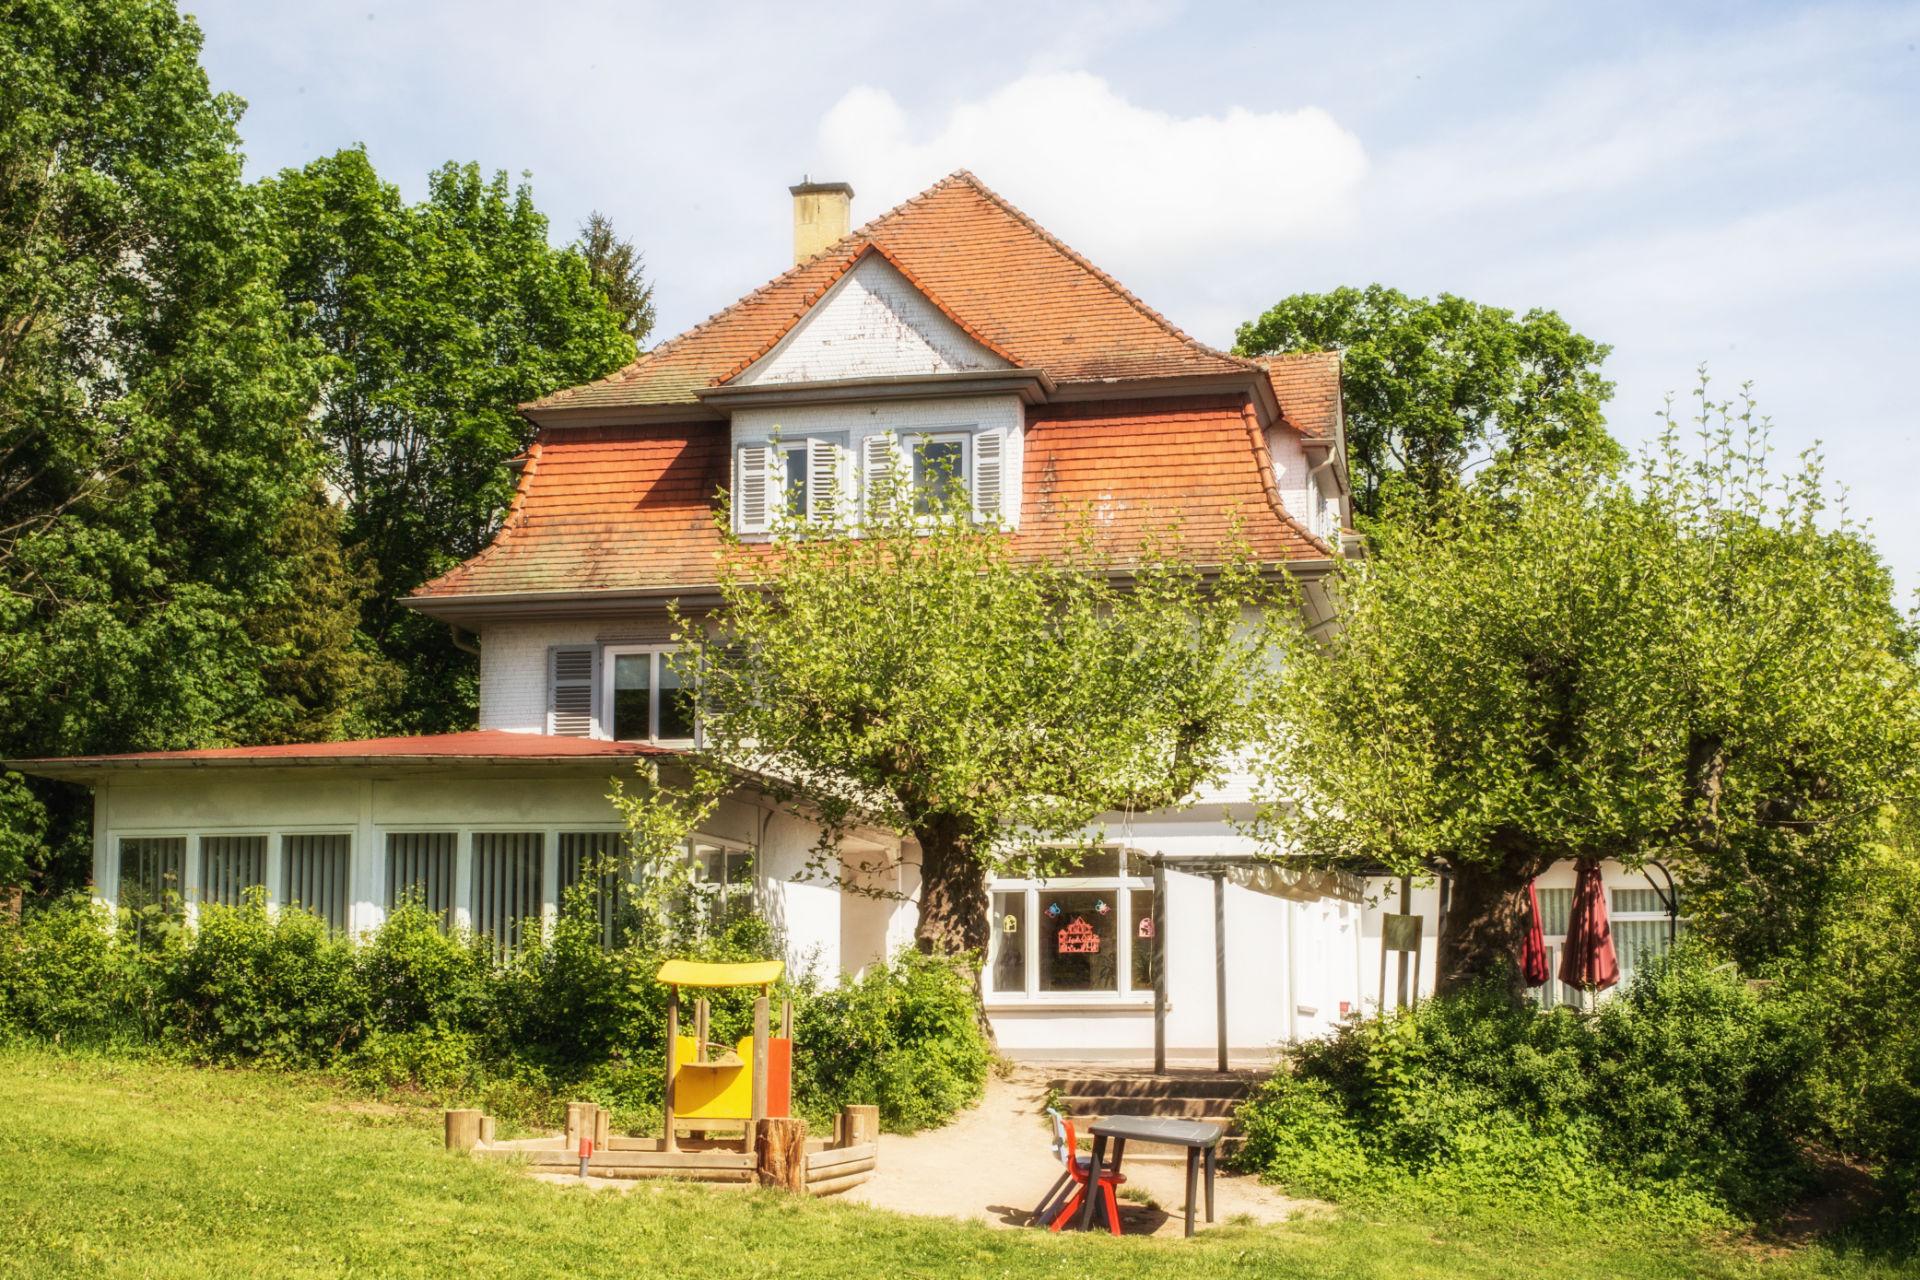 Kitzberg-Kliniken Kinderzentrum